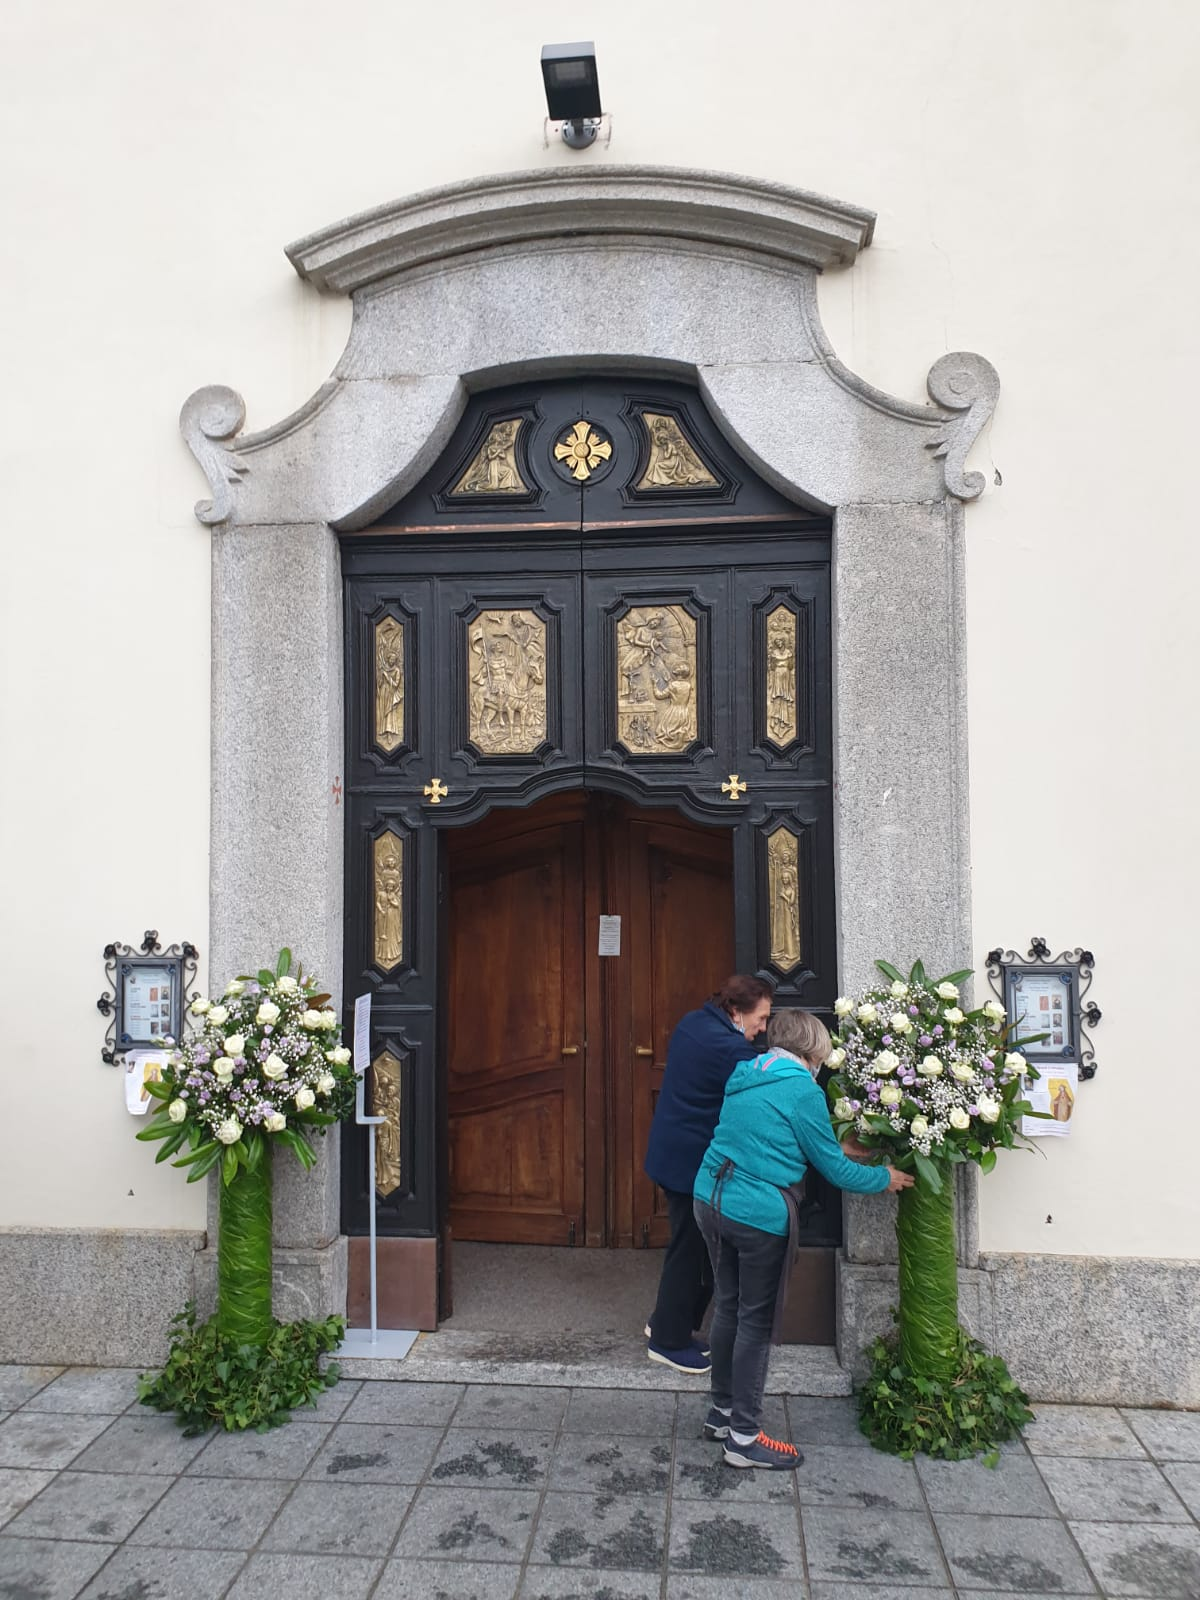 Esterno addobbato Chiesa San maurizio Erba CO